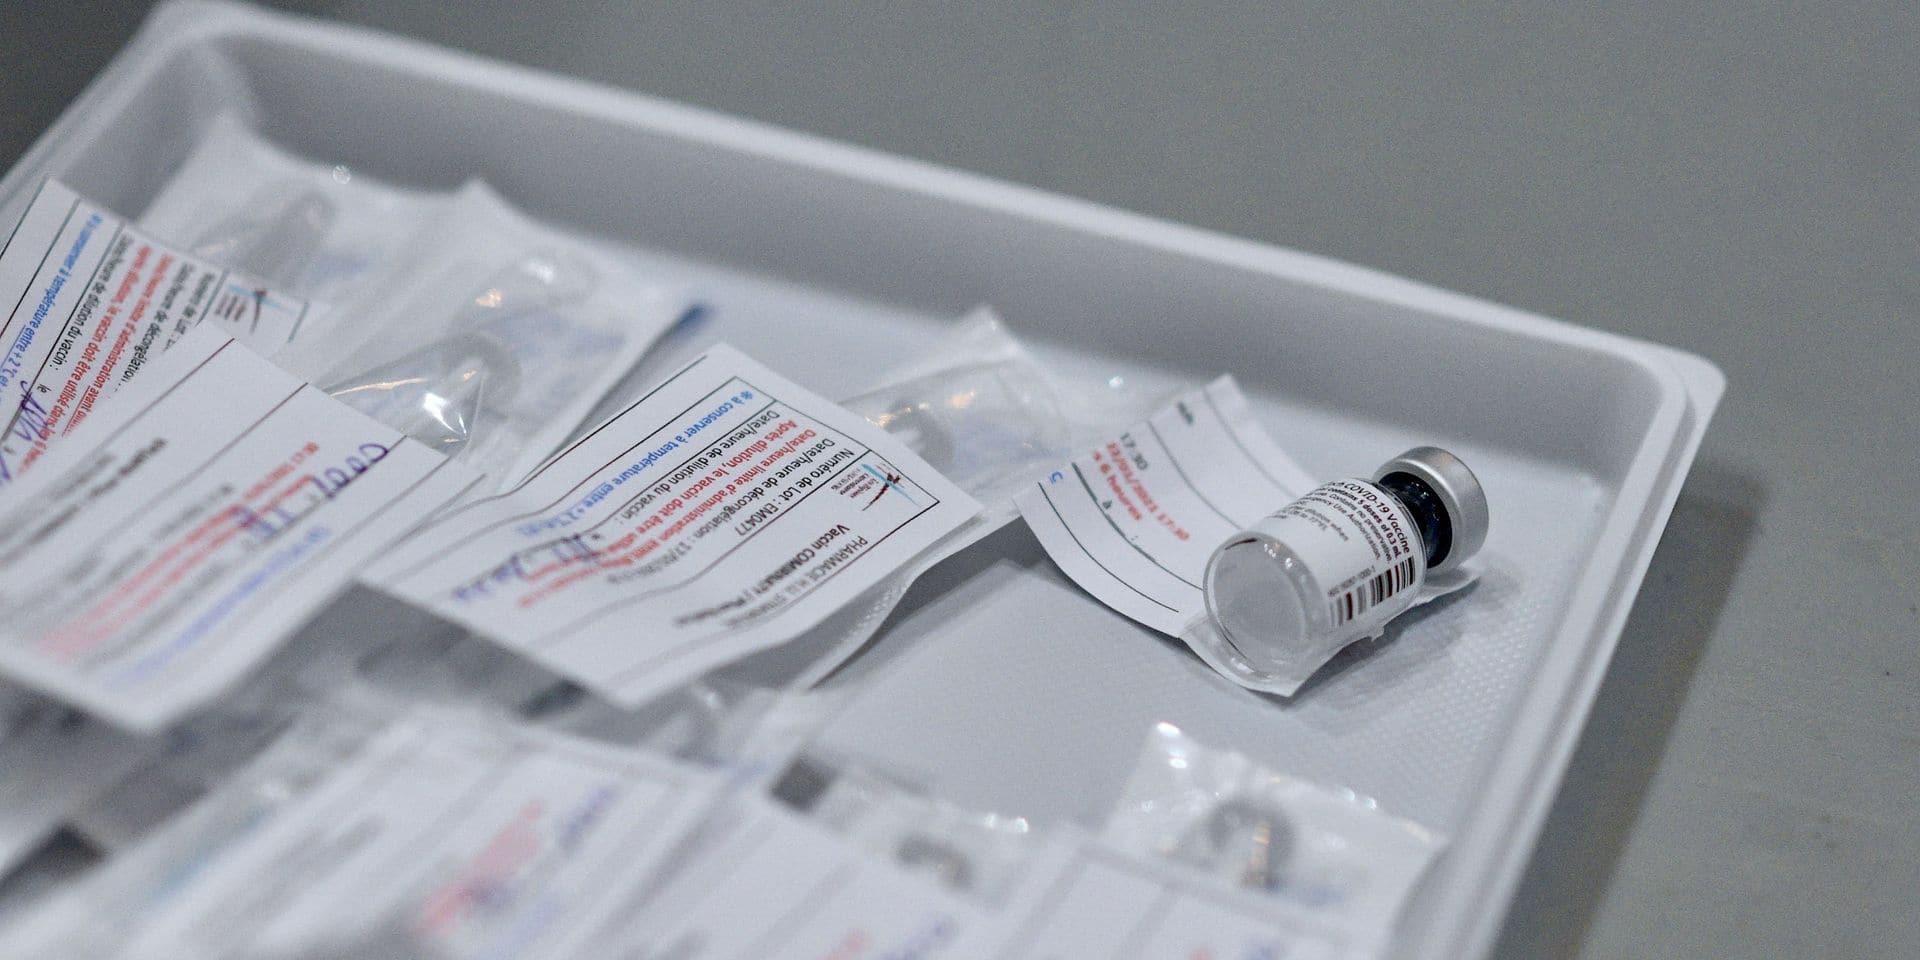 L'Europe s'essouffle dans la course aux vaccins, la stratégie de vaccination pointée du doigt